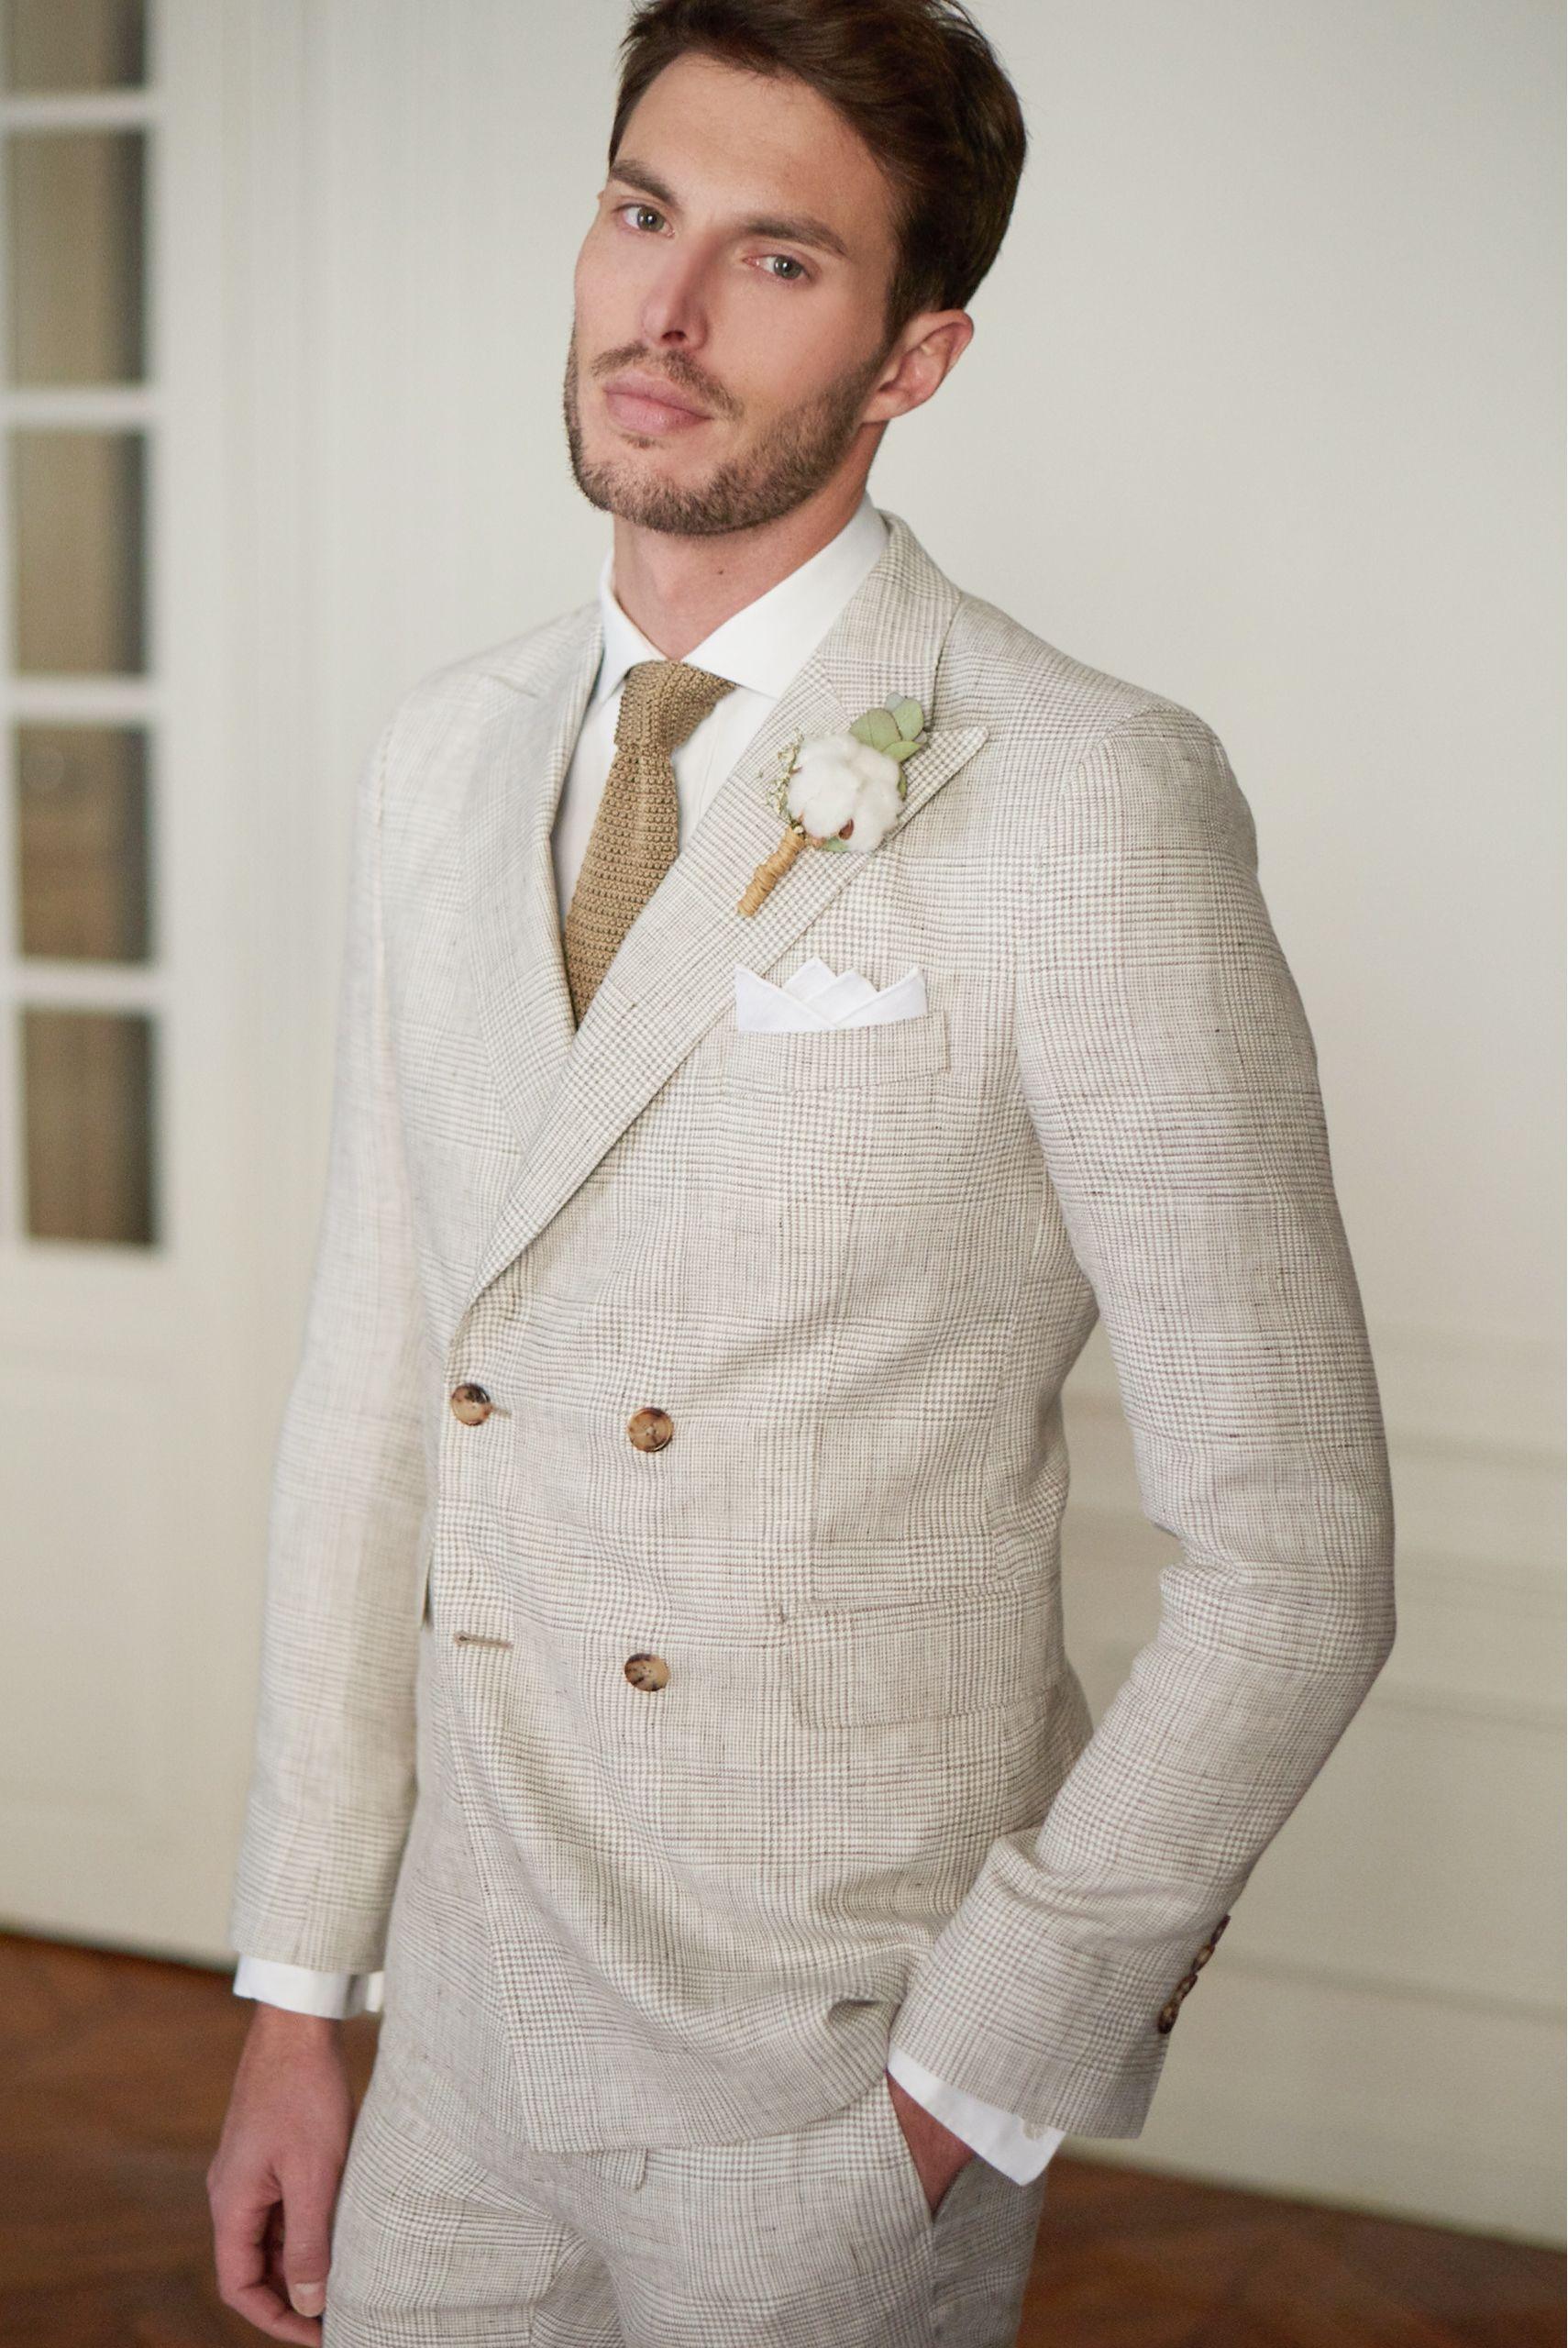 costume en lin crois motif prince de galles beige clair pochette en lin blanche et cravate. Black Bedroom Furniture Sets. Home Design Ideas